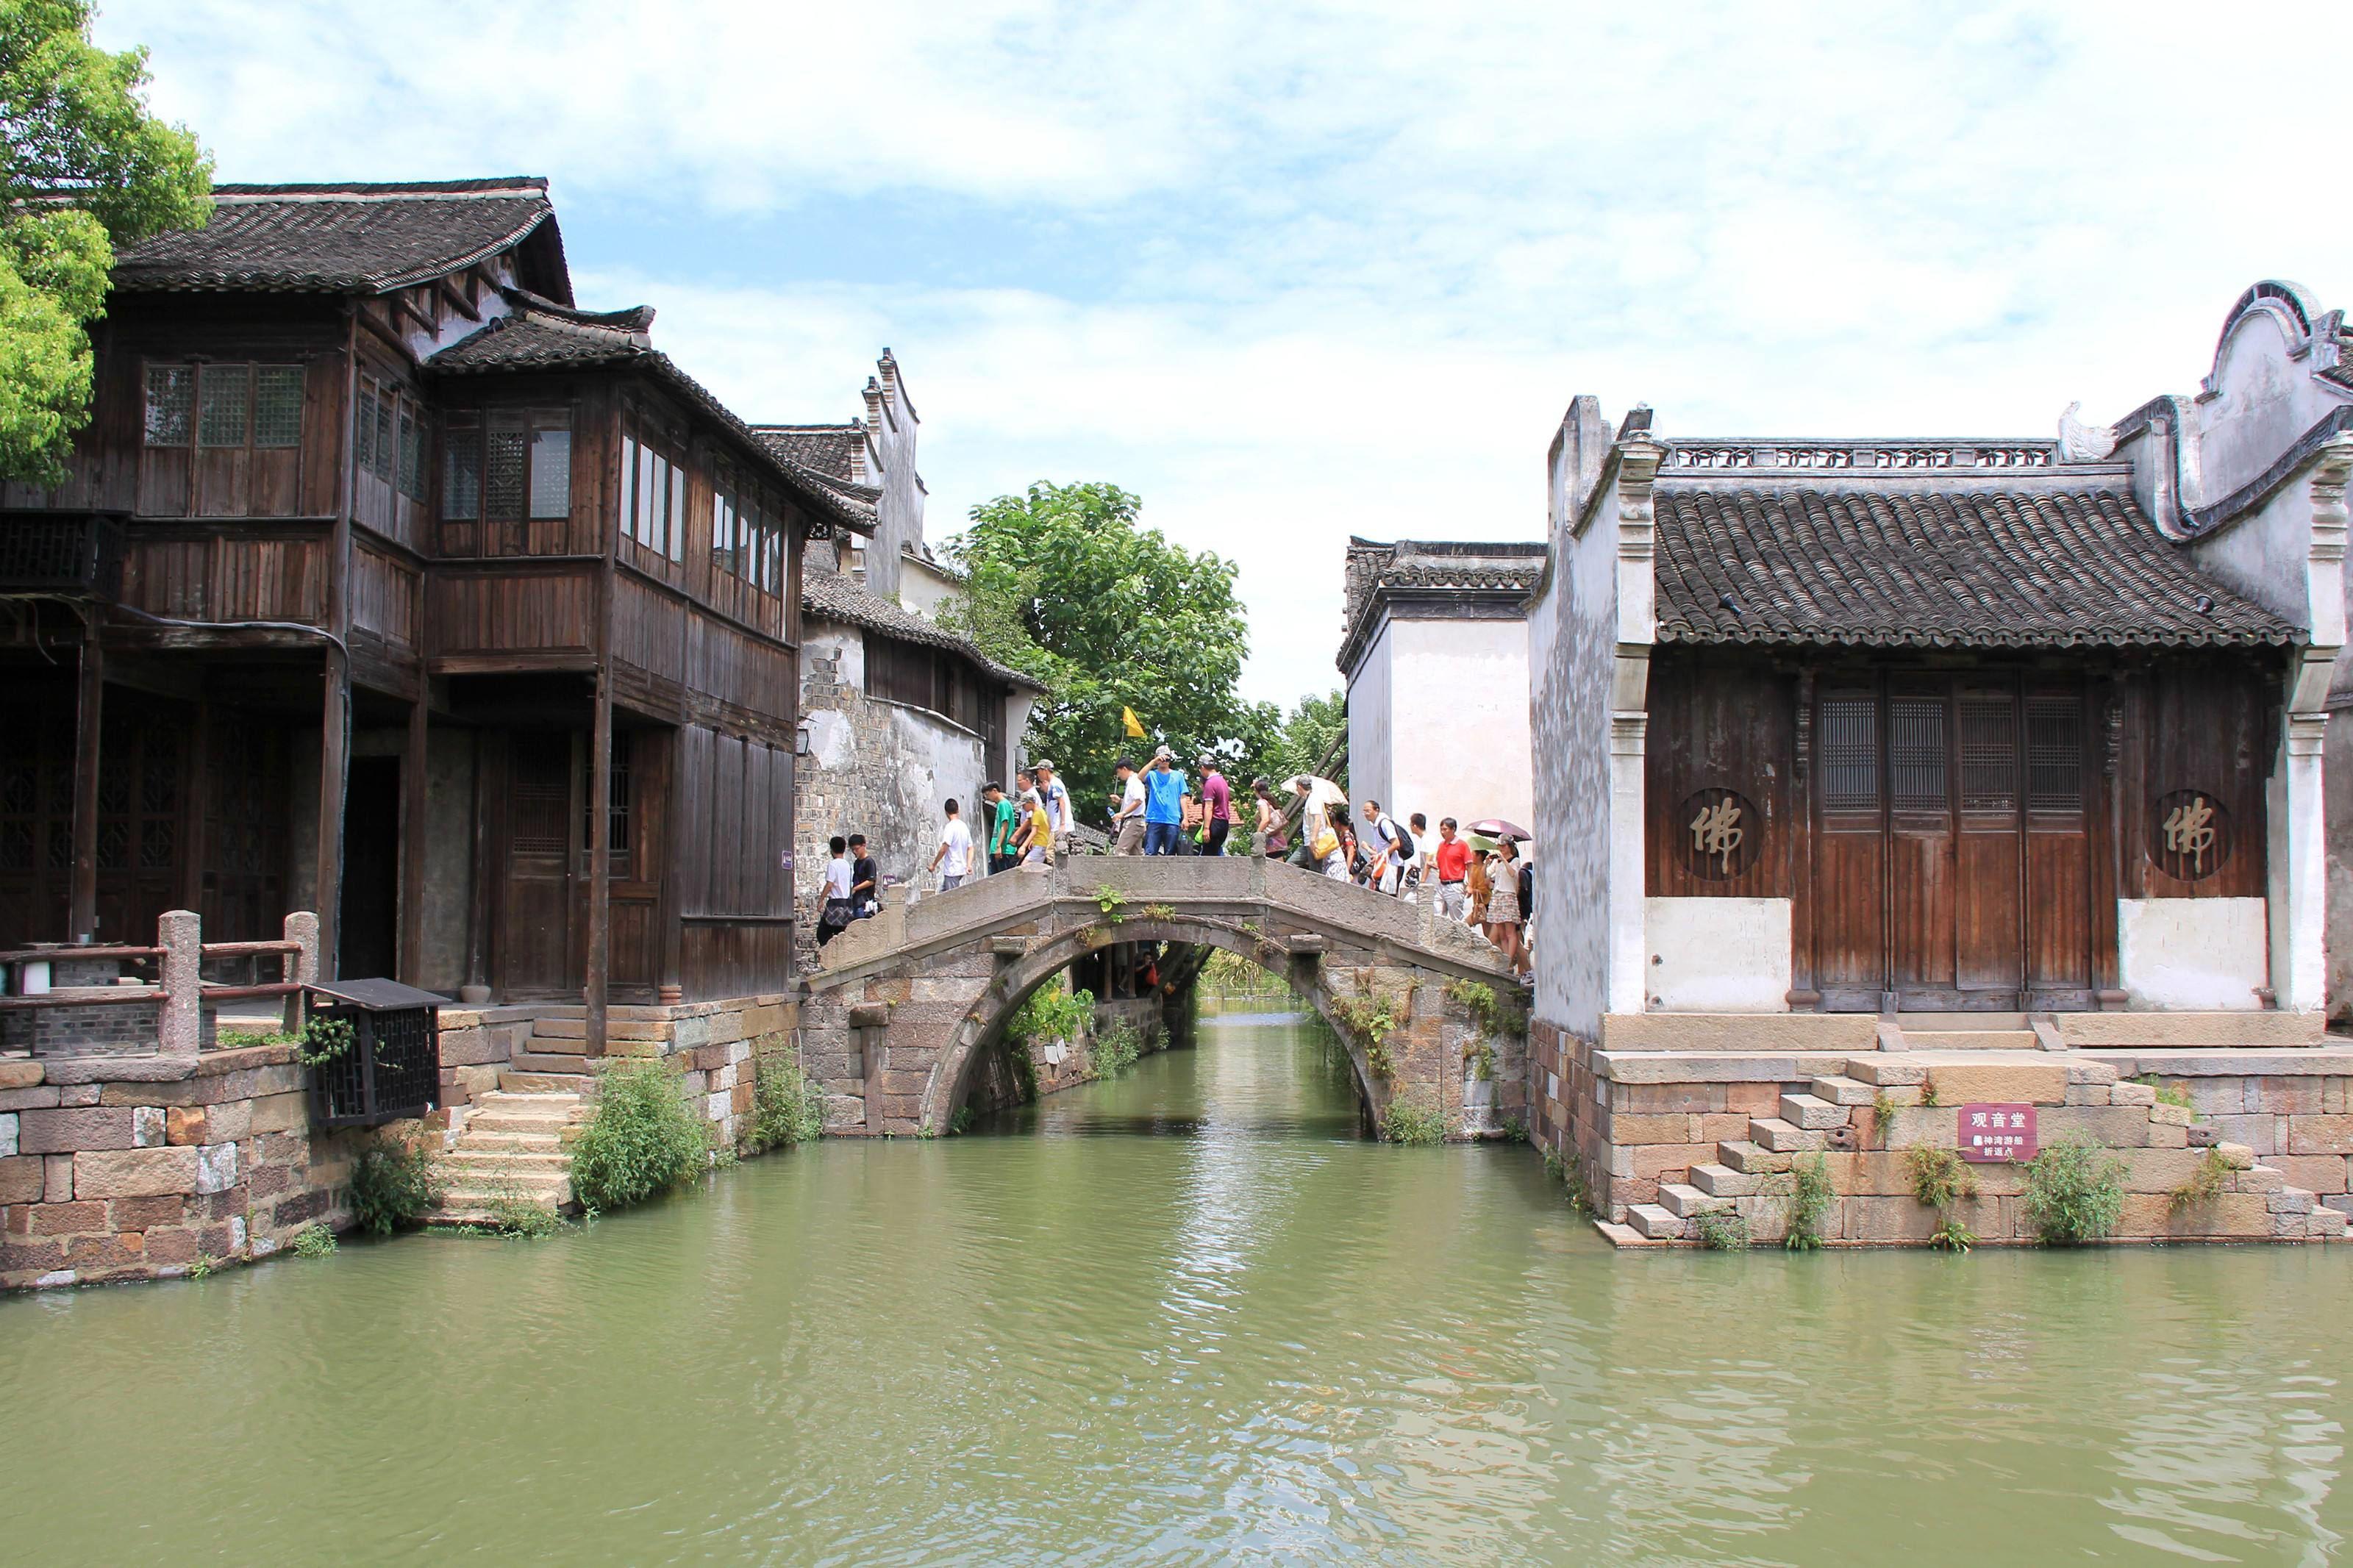 中国最美文旅小镇:全镇仅一半收门票,仅开发一半名气却堪比省会